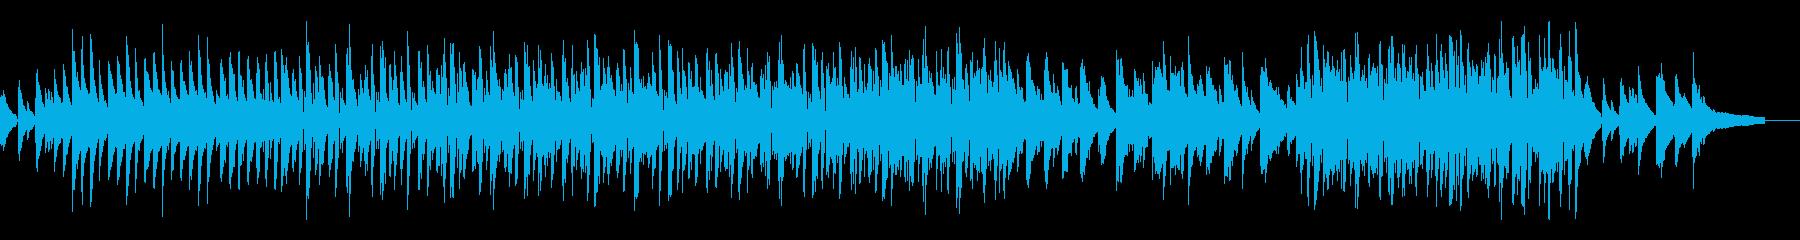 ラテンっぽい 軽快シャレオツ+ピアノ曲の再生済みの波形